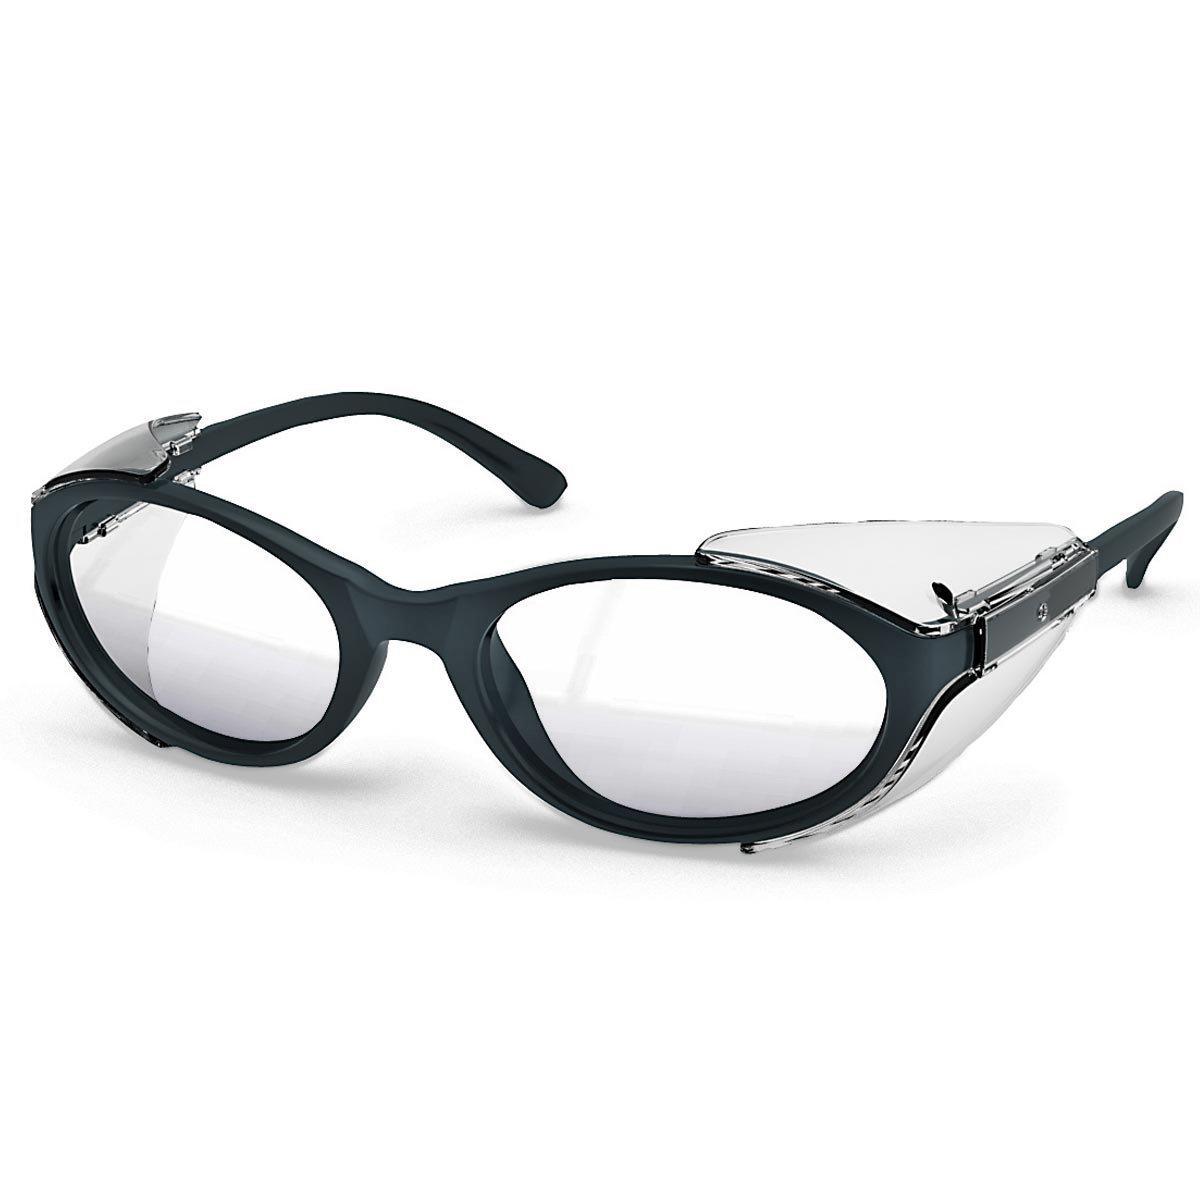 Uvex Korrektionsschutzbrille RX 5504 - UV blue protect